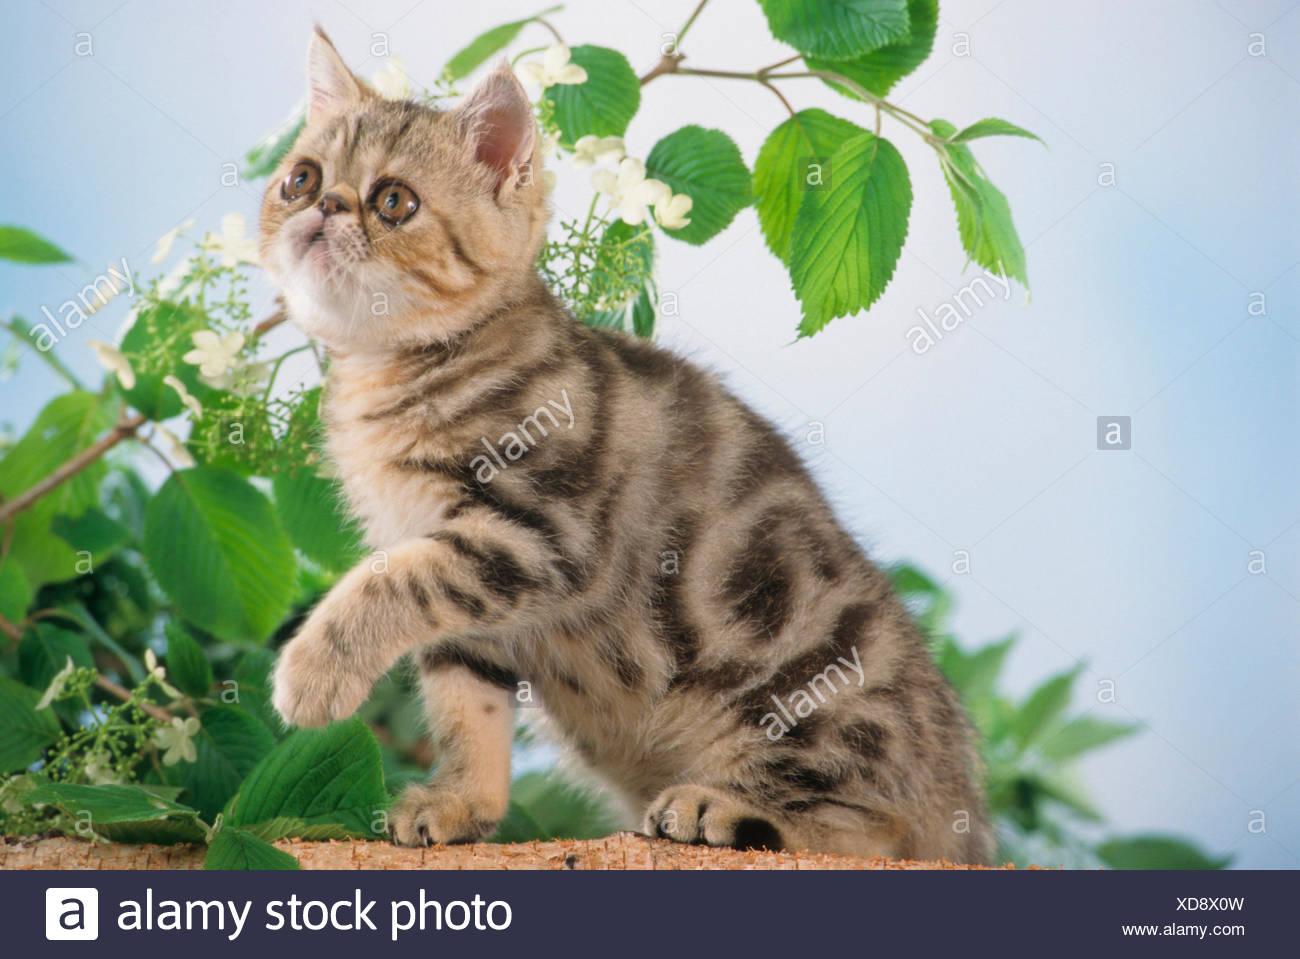 Großartig Kätzchen Färbung Bilder Bilder - Malvorlagen-Ideen ...